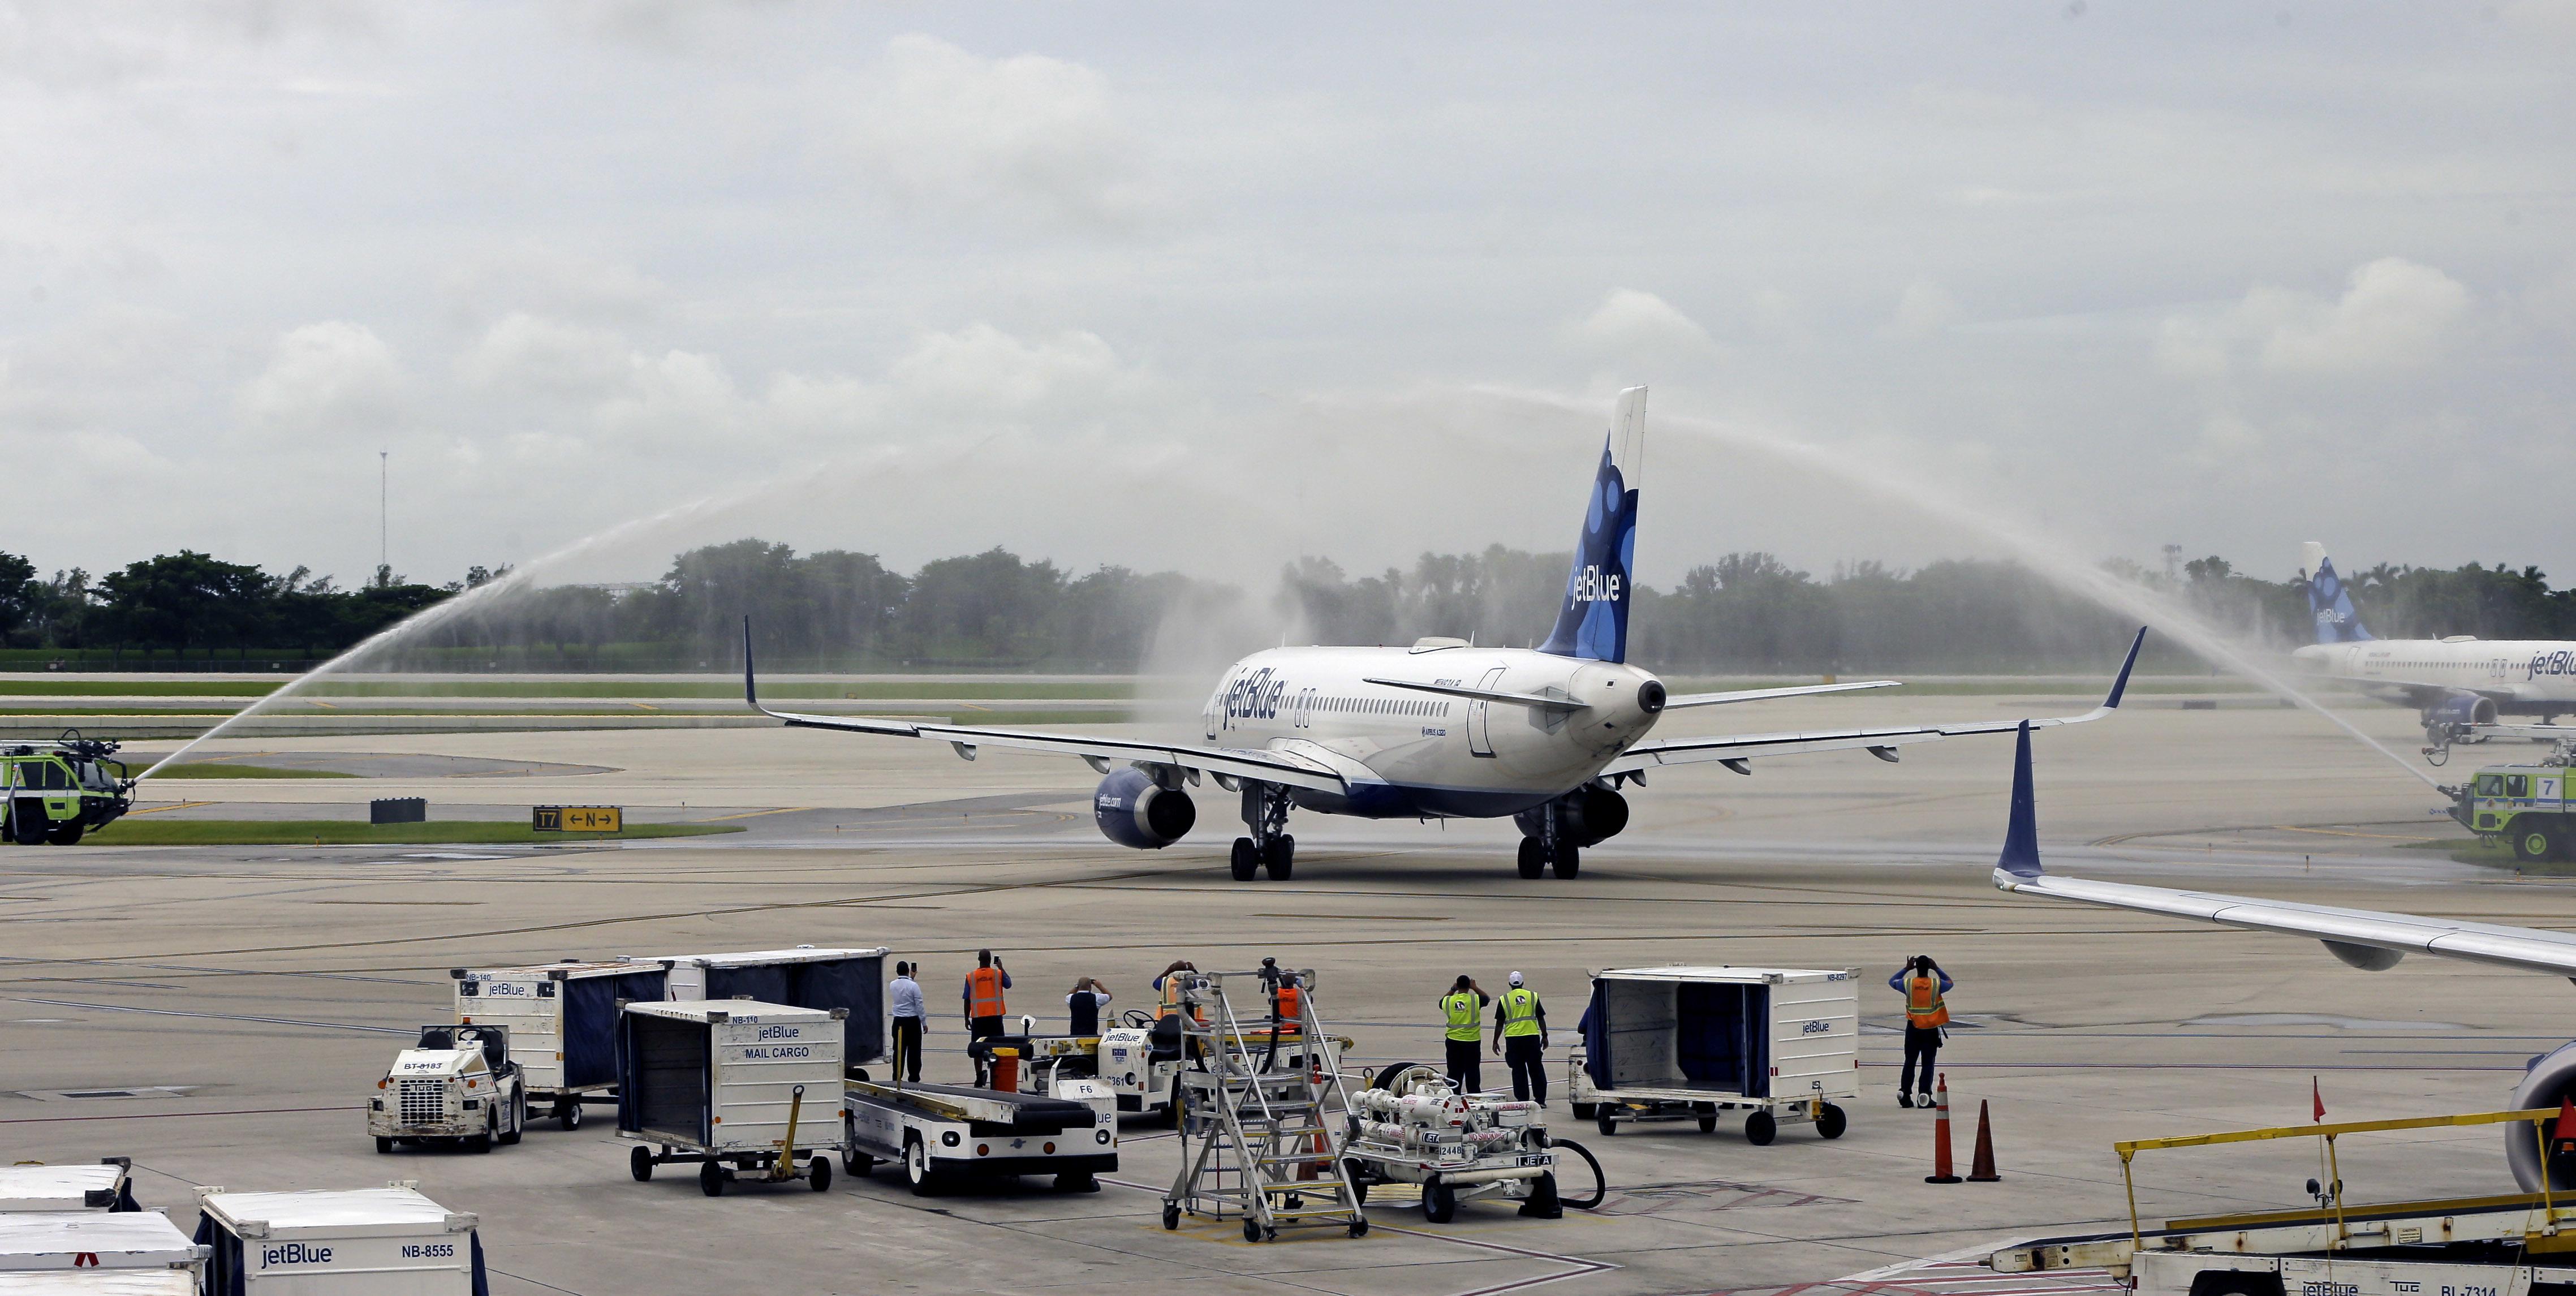 重新連接美古定期航班的捷藍航空(JetBlue)客機。(美聯社)